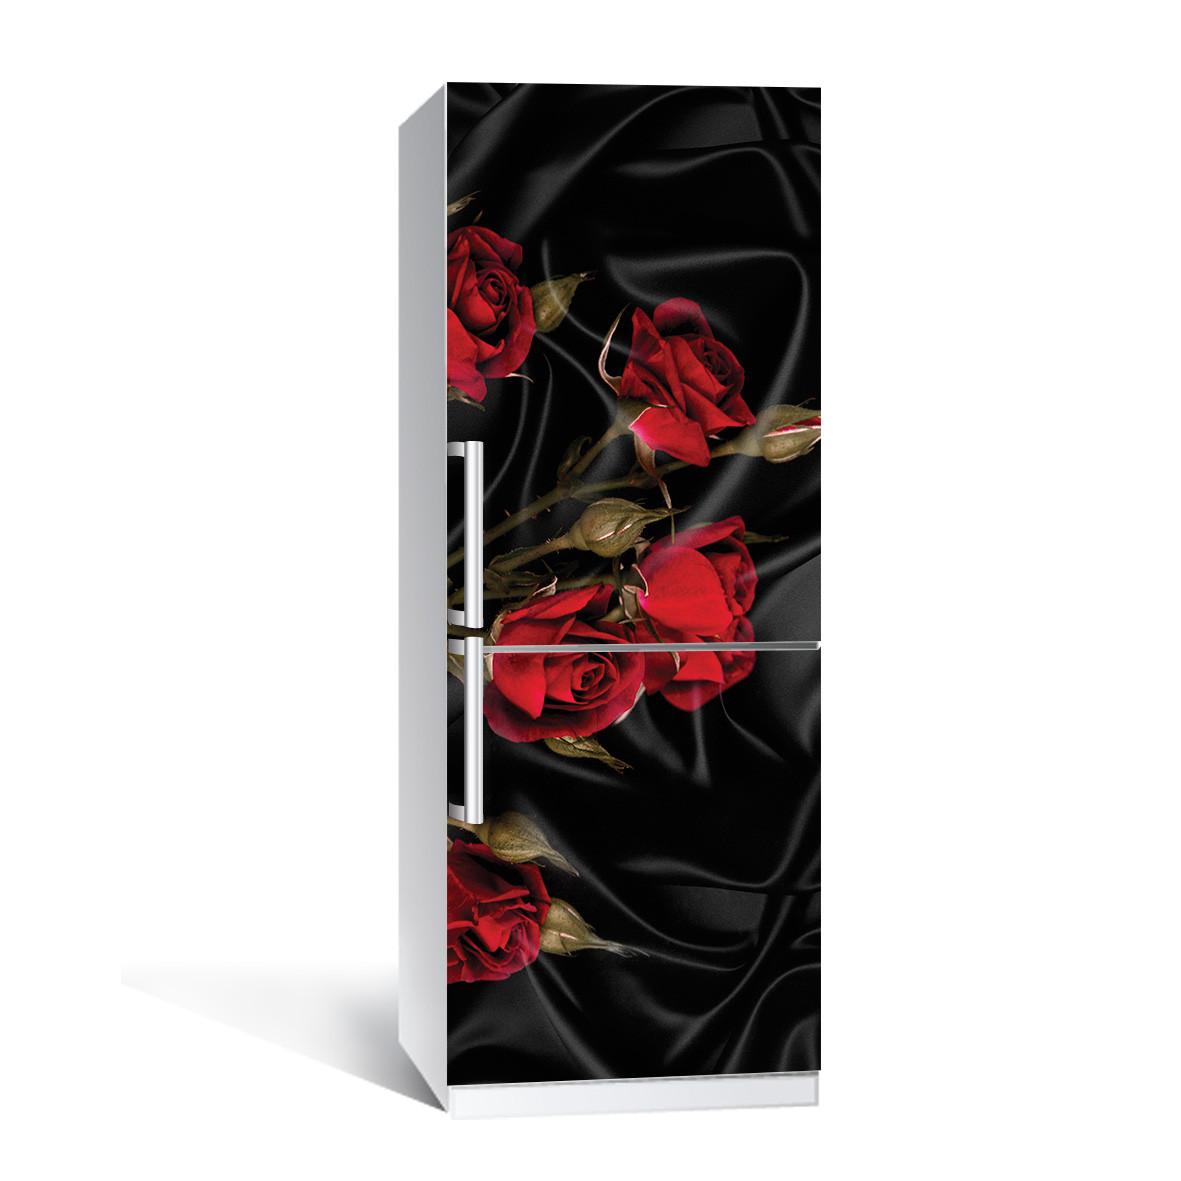 Виниловая наклейка на холодильник Роза Tassin ламинированная двойная пленка цветы красные розы черный шелк